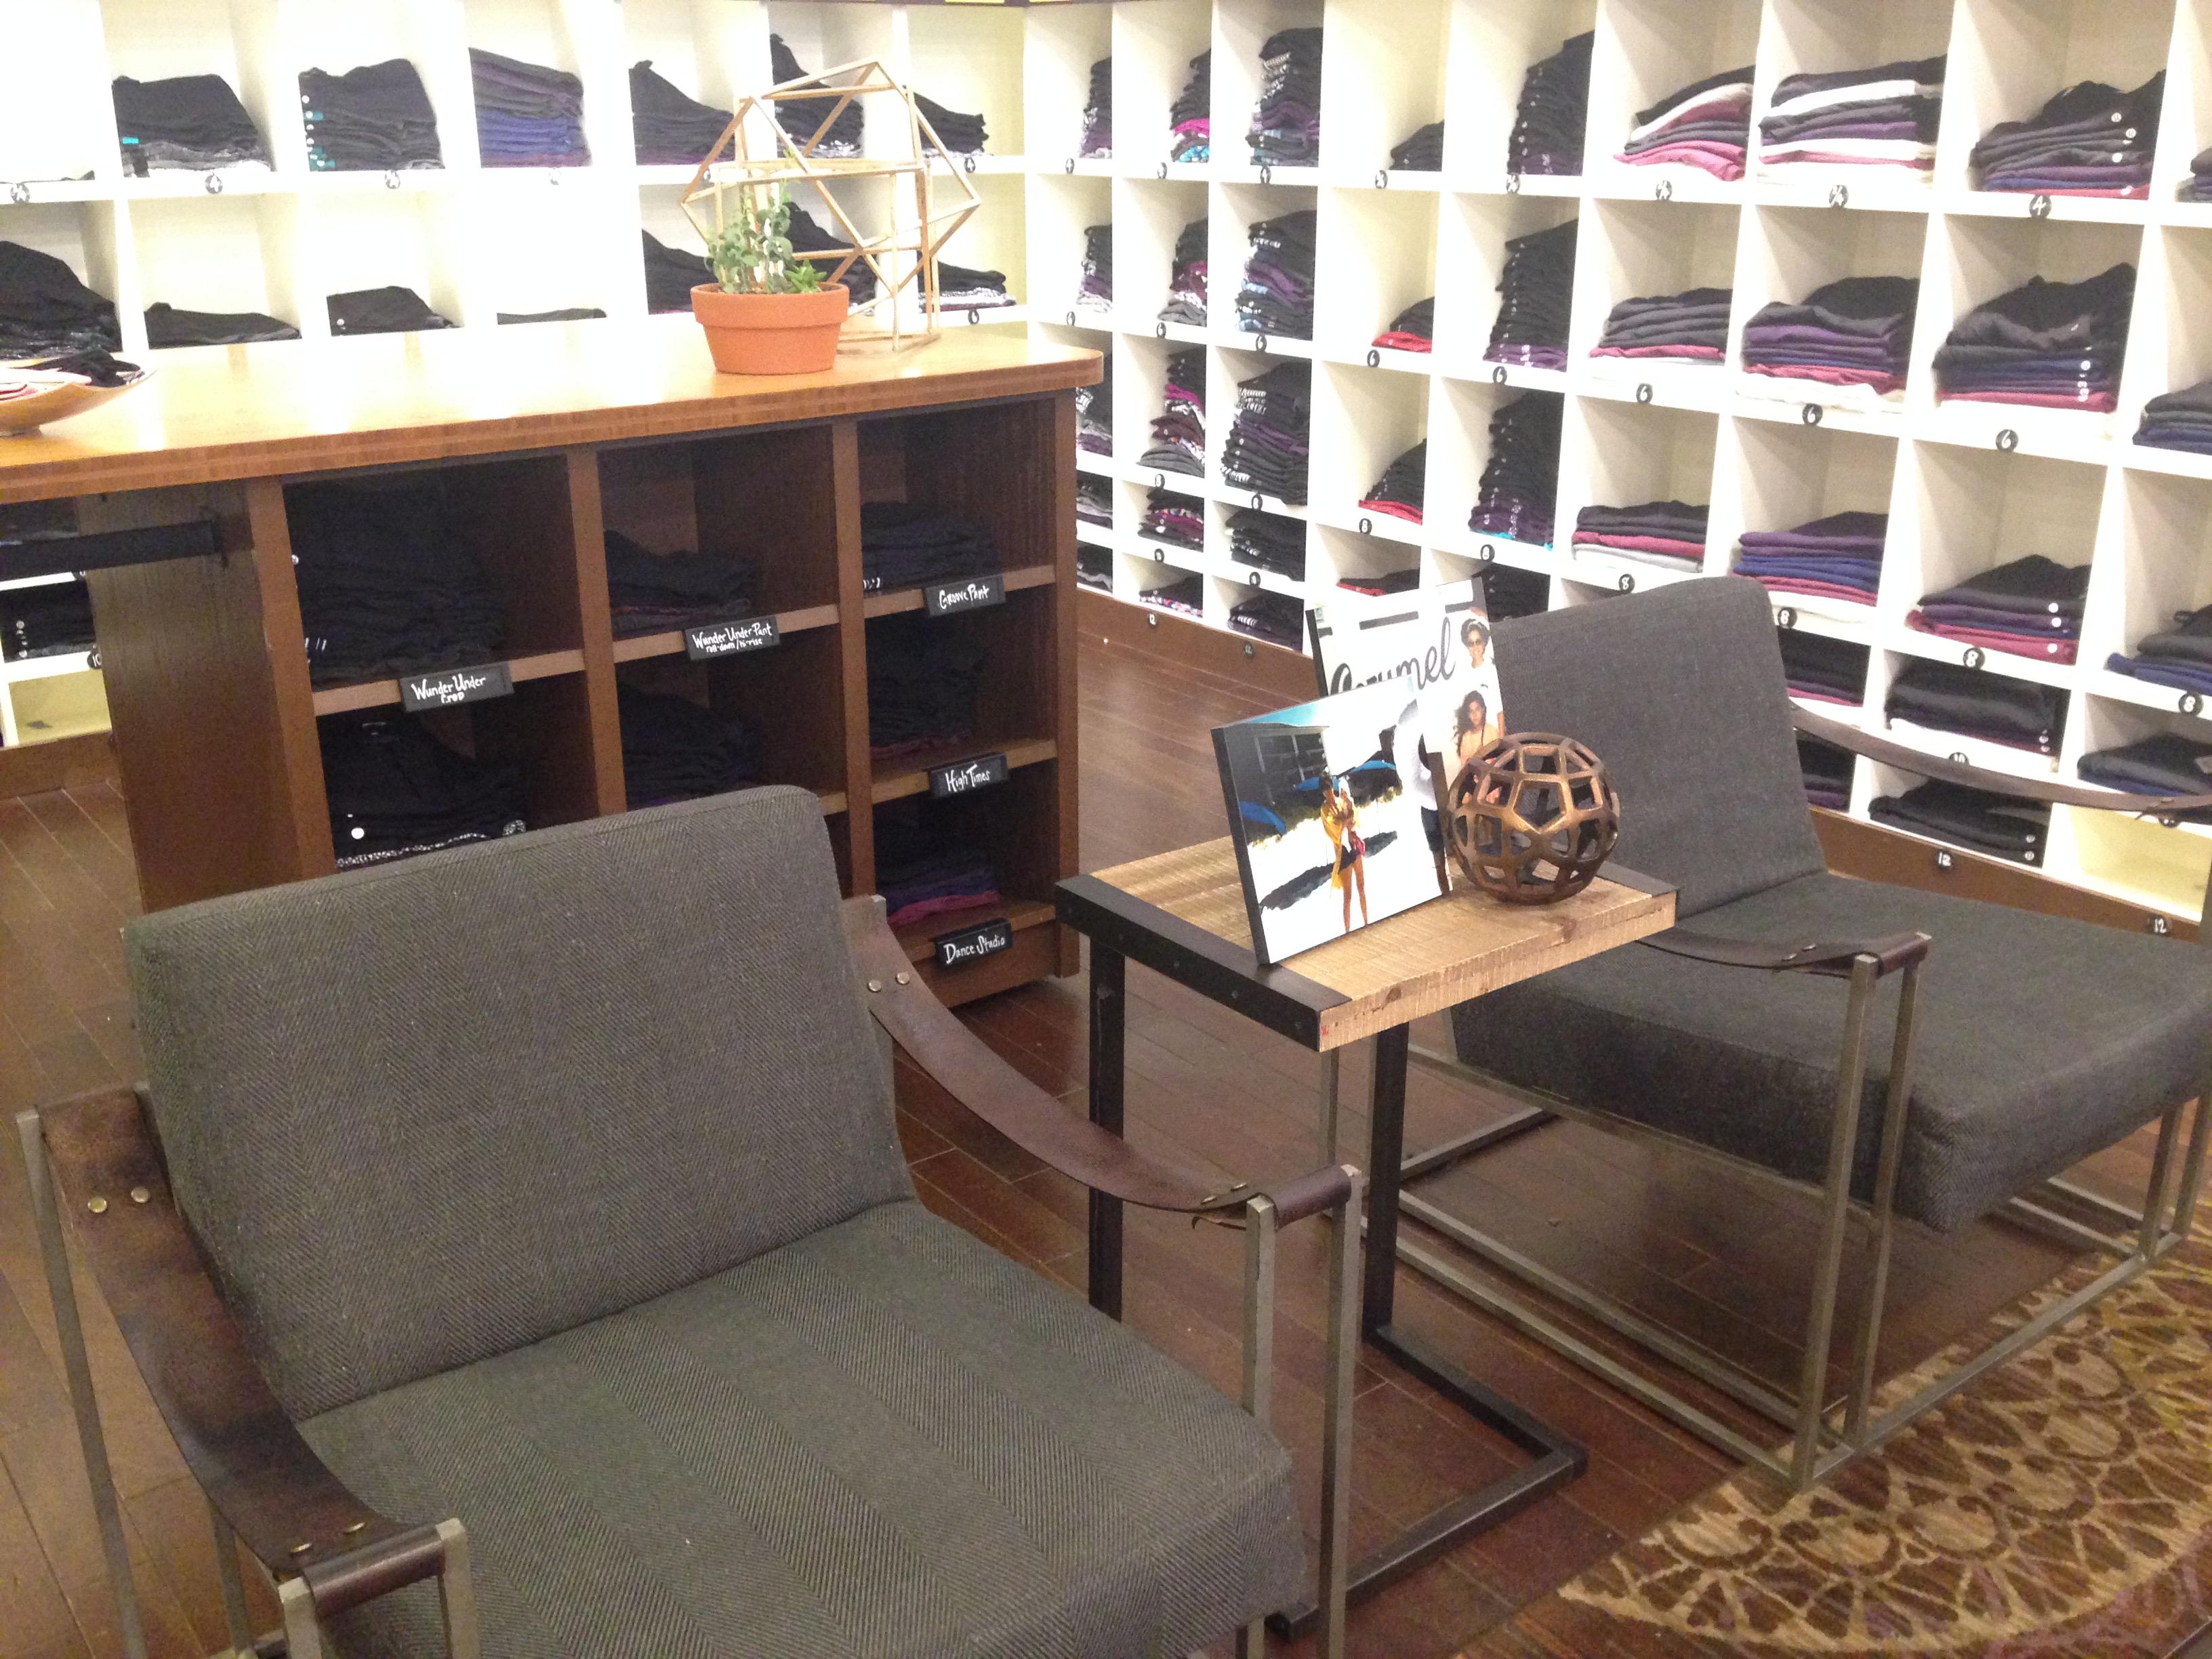 Lululemon Athletica - The Furniture Practice   lululemon furniture